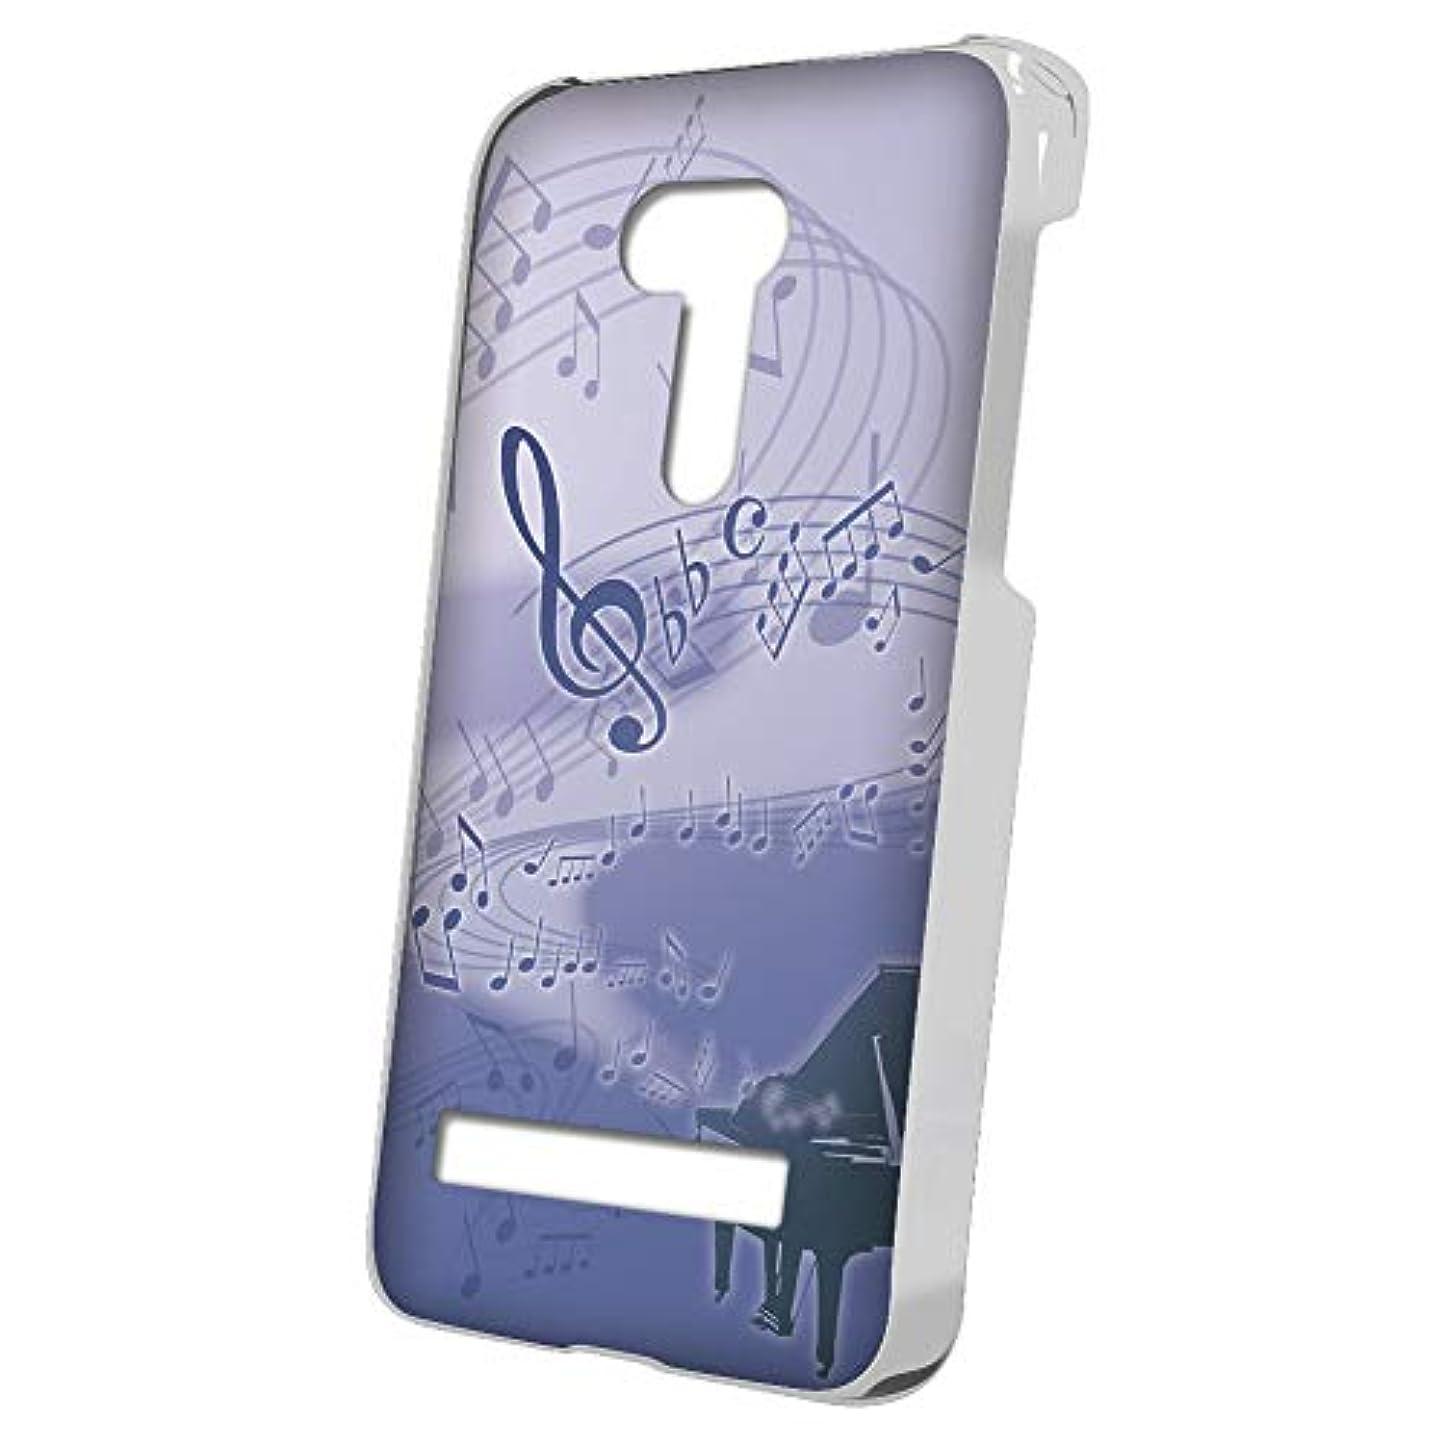 ヒステリック感情の長さスマQ ZenFone Go ZB551KL 音符 ピアノ スマホケース ハードケース ASUS エイスース ゼンフォン ゴー SIMフリー ami_(D.ブルー)